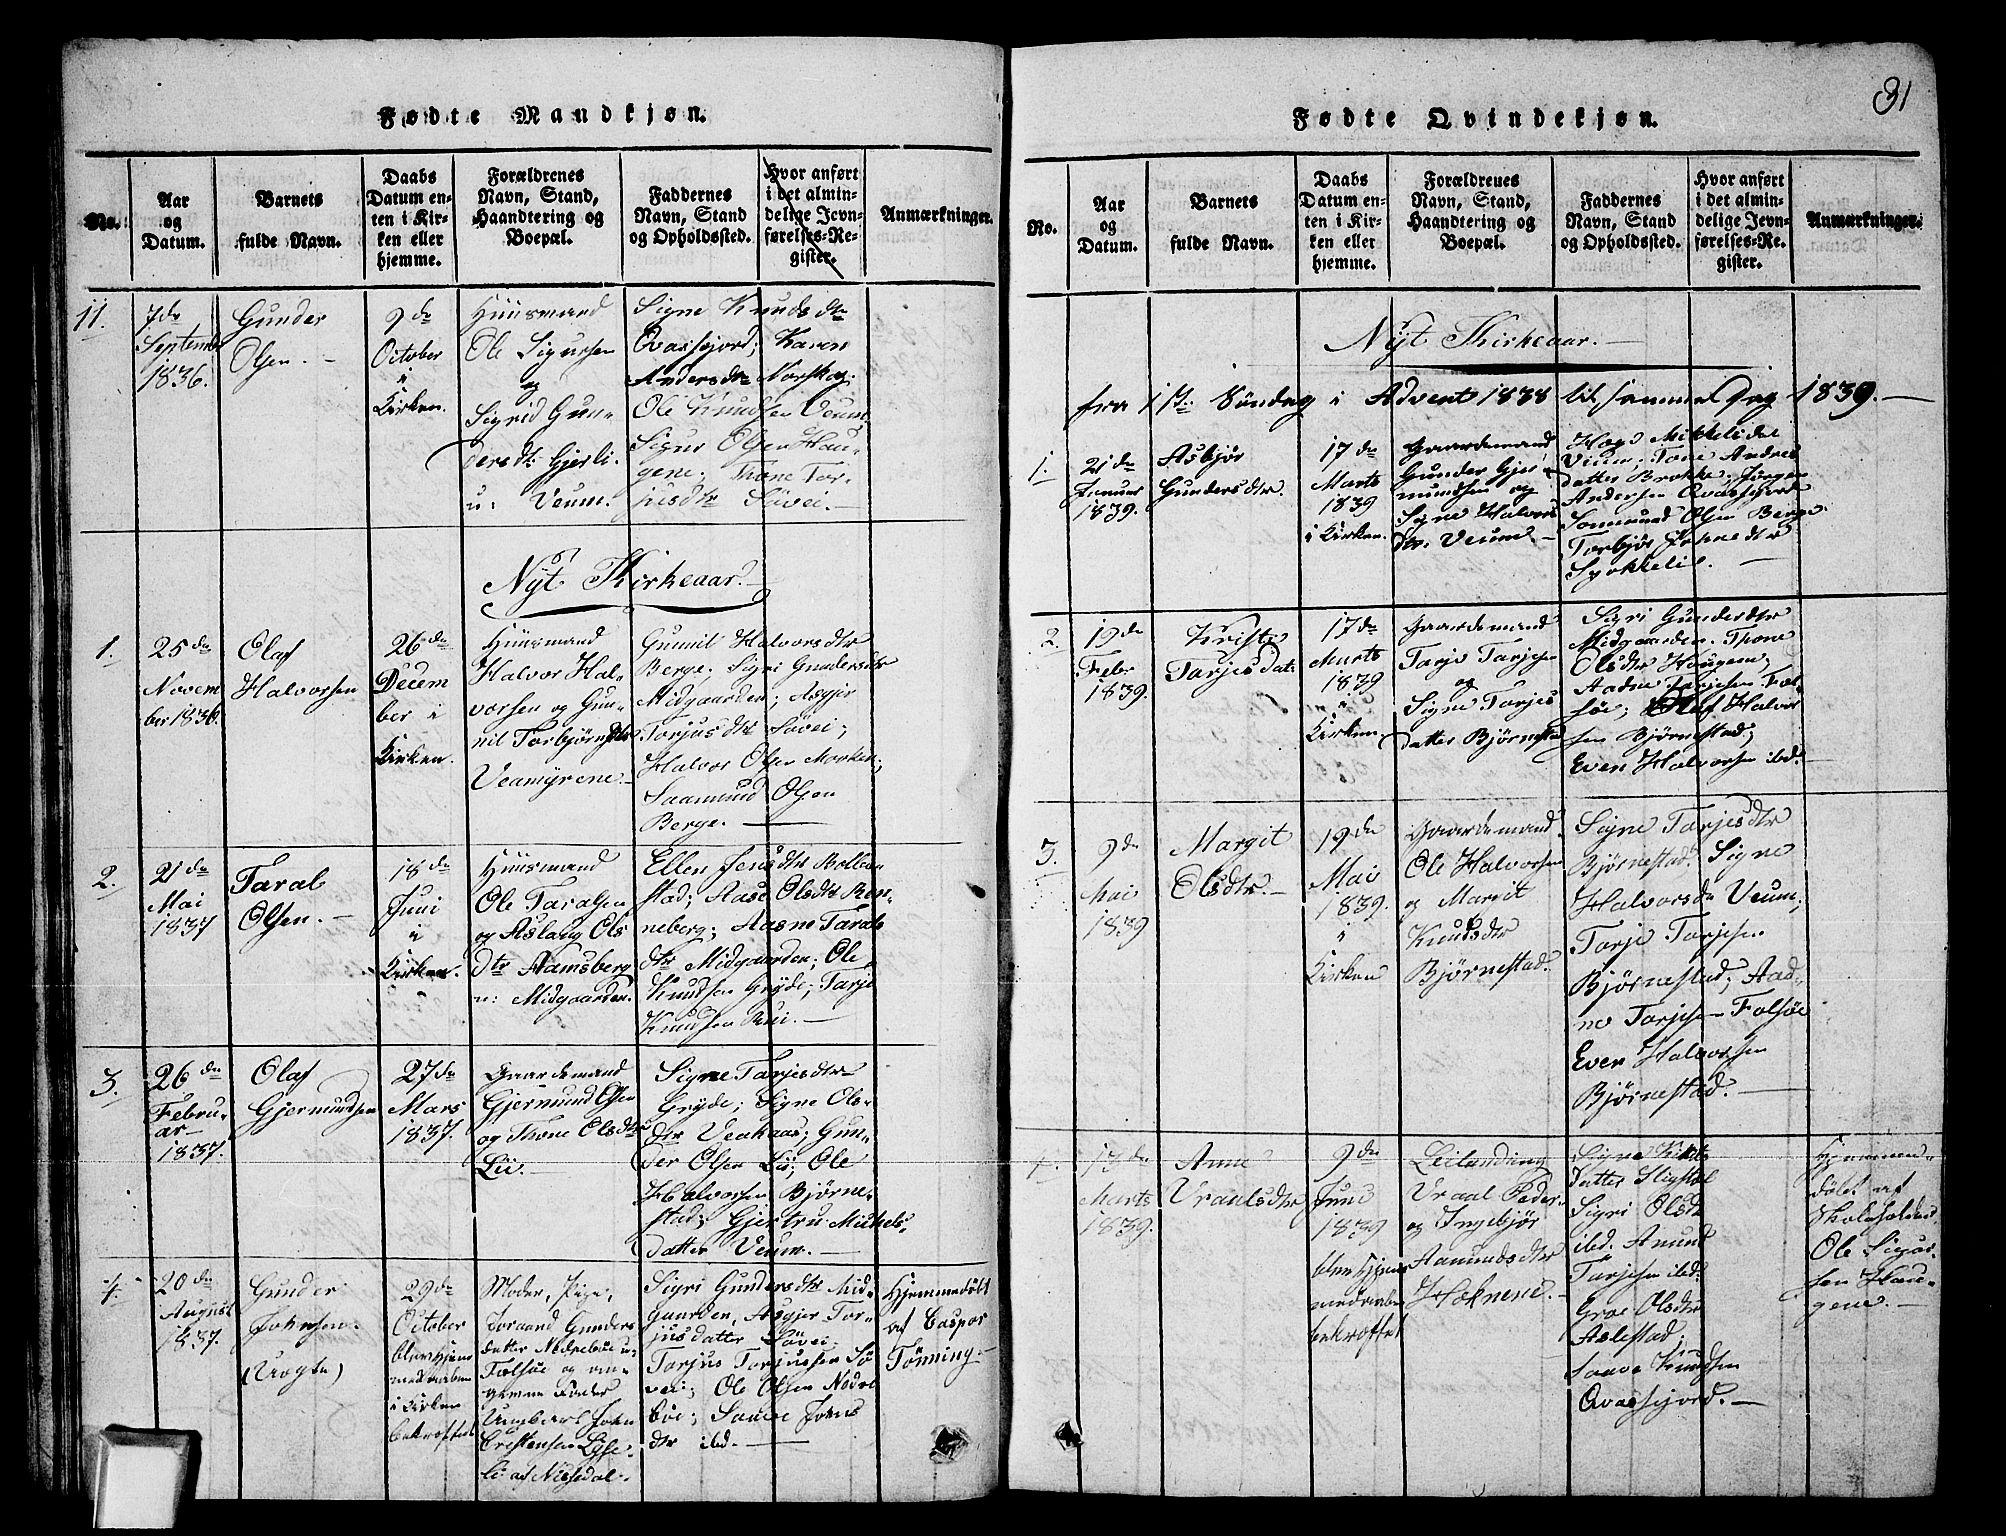 SAKO, Fyresdal kirkebøker, G/Ga/L0003: Klokkerbok nr. I 3, 1815-1863, s. 31